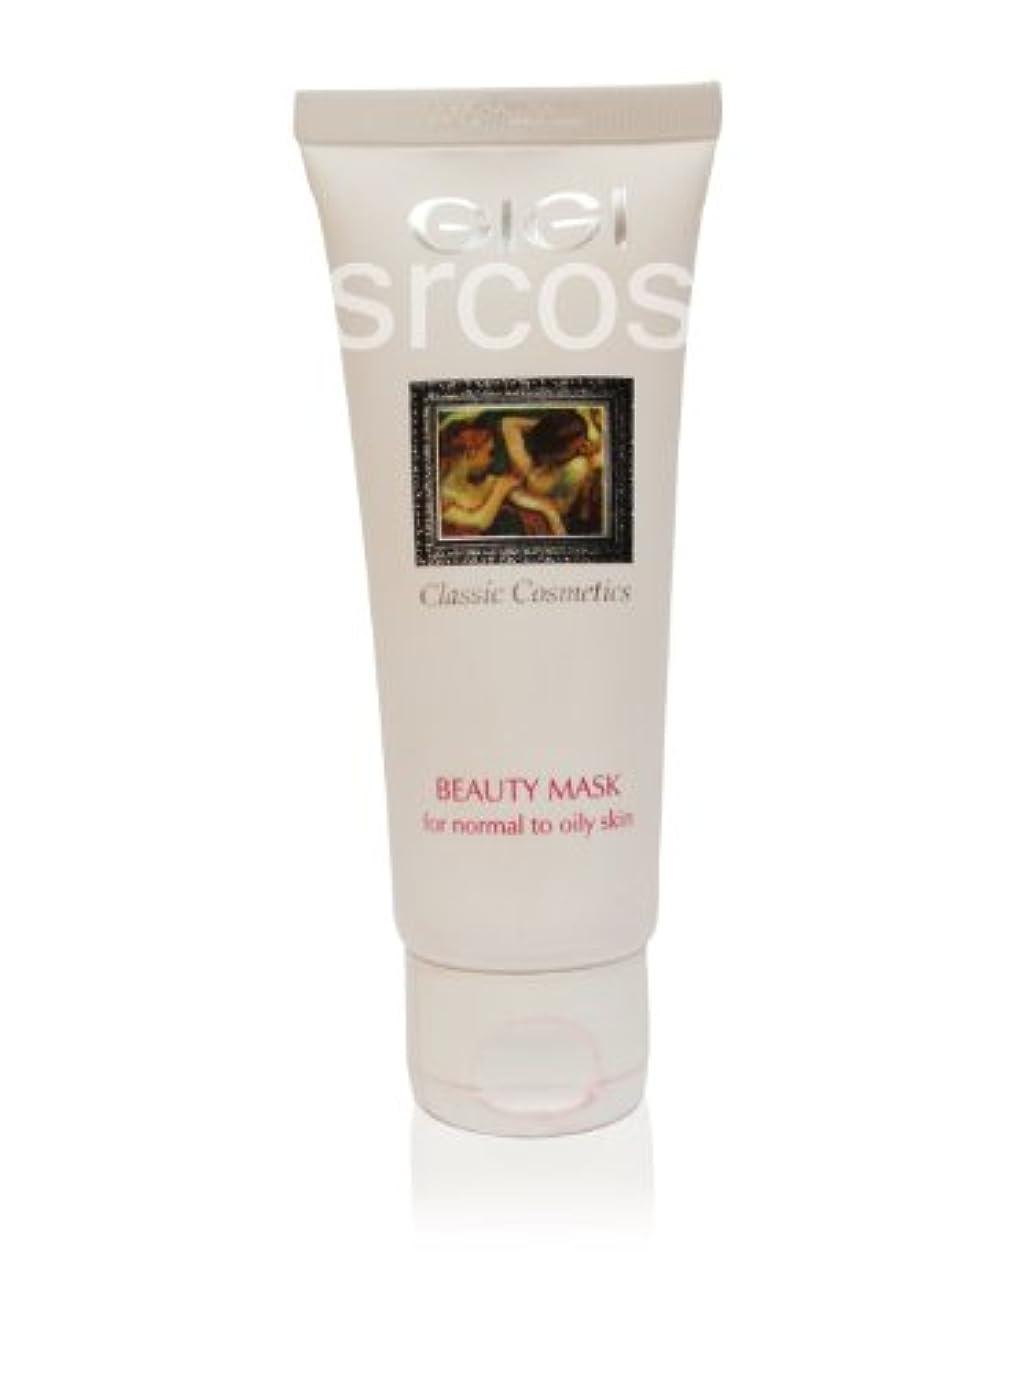 GIGI Beauty Mask for Normal to Oily Skin 75ml 2.5fl.oz